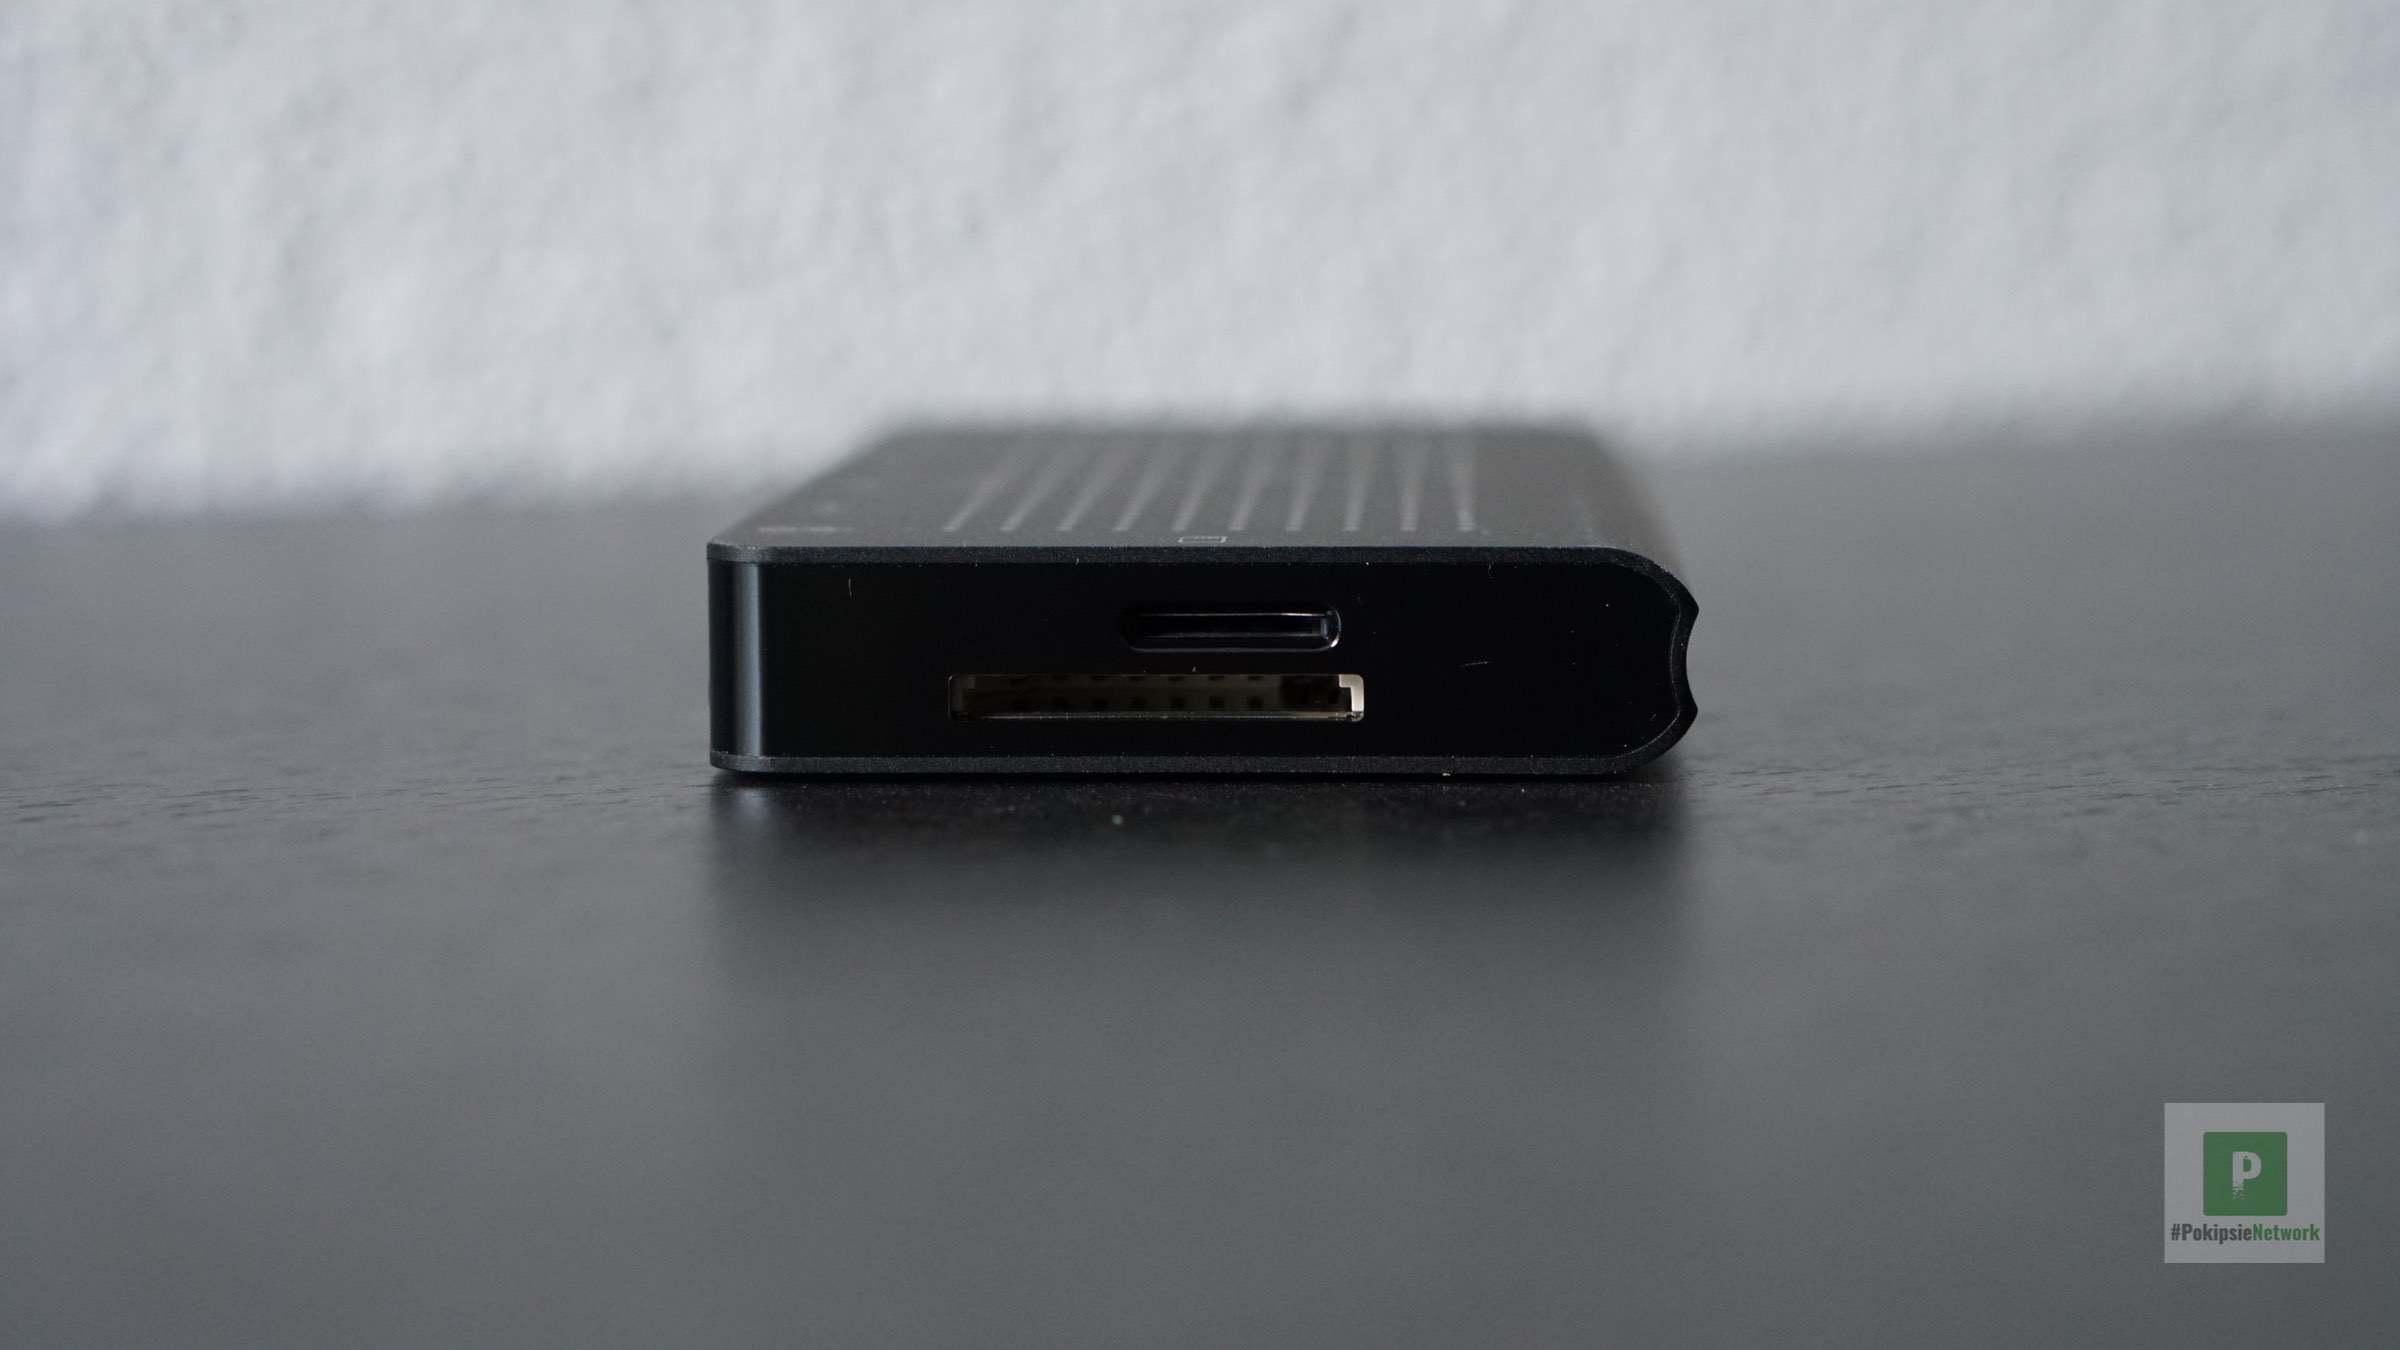 Die microSD- und SD-Karten-Ports